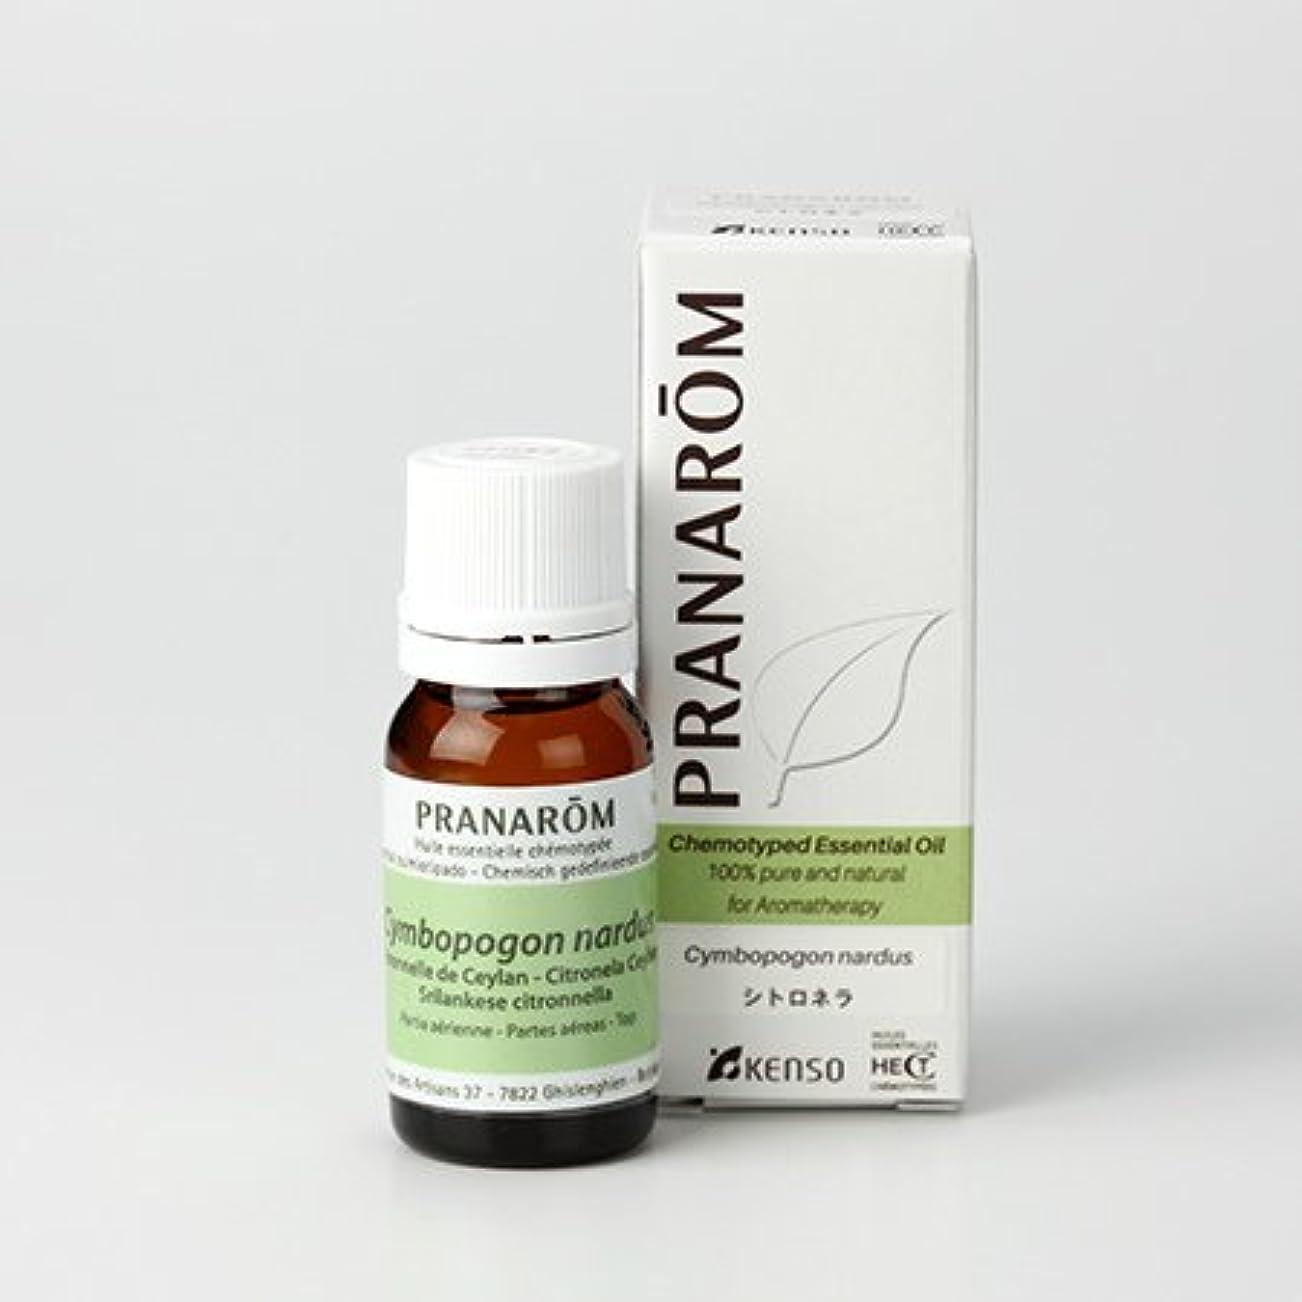 フラフープ実施する輸血プラナロム シトロネラ 10ml (PRANAROM ケモタイプ精油)